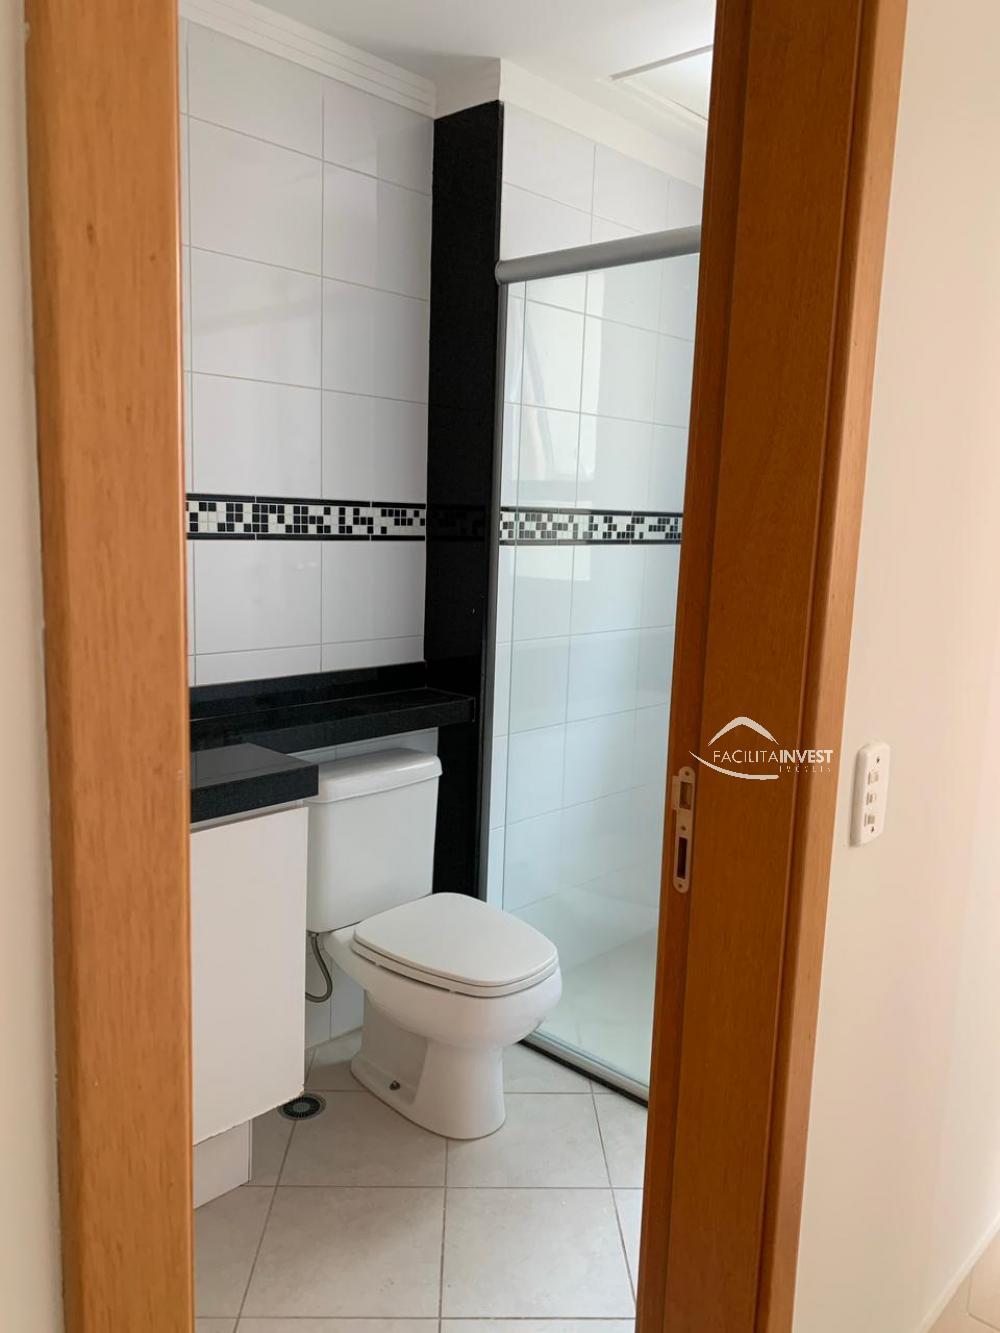 Alugar Apartamentos / Apart. Padrão em Ribeirão Preto R$ 2.800,00 - Foto 8